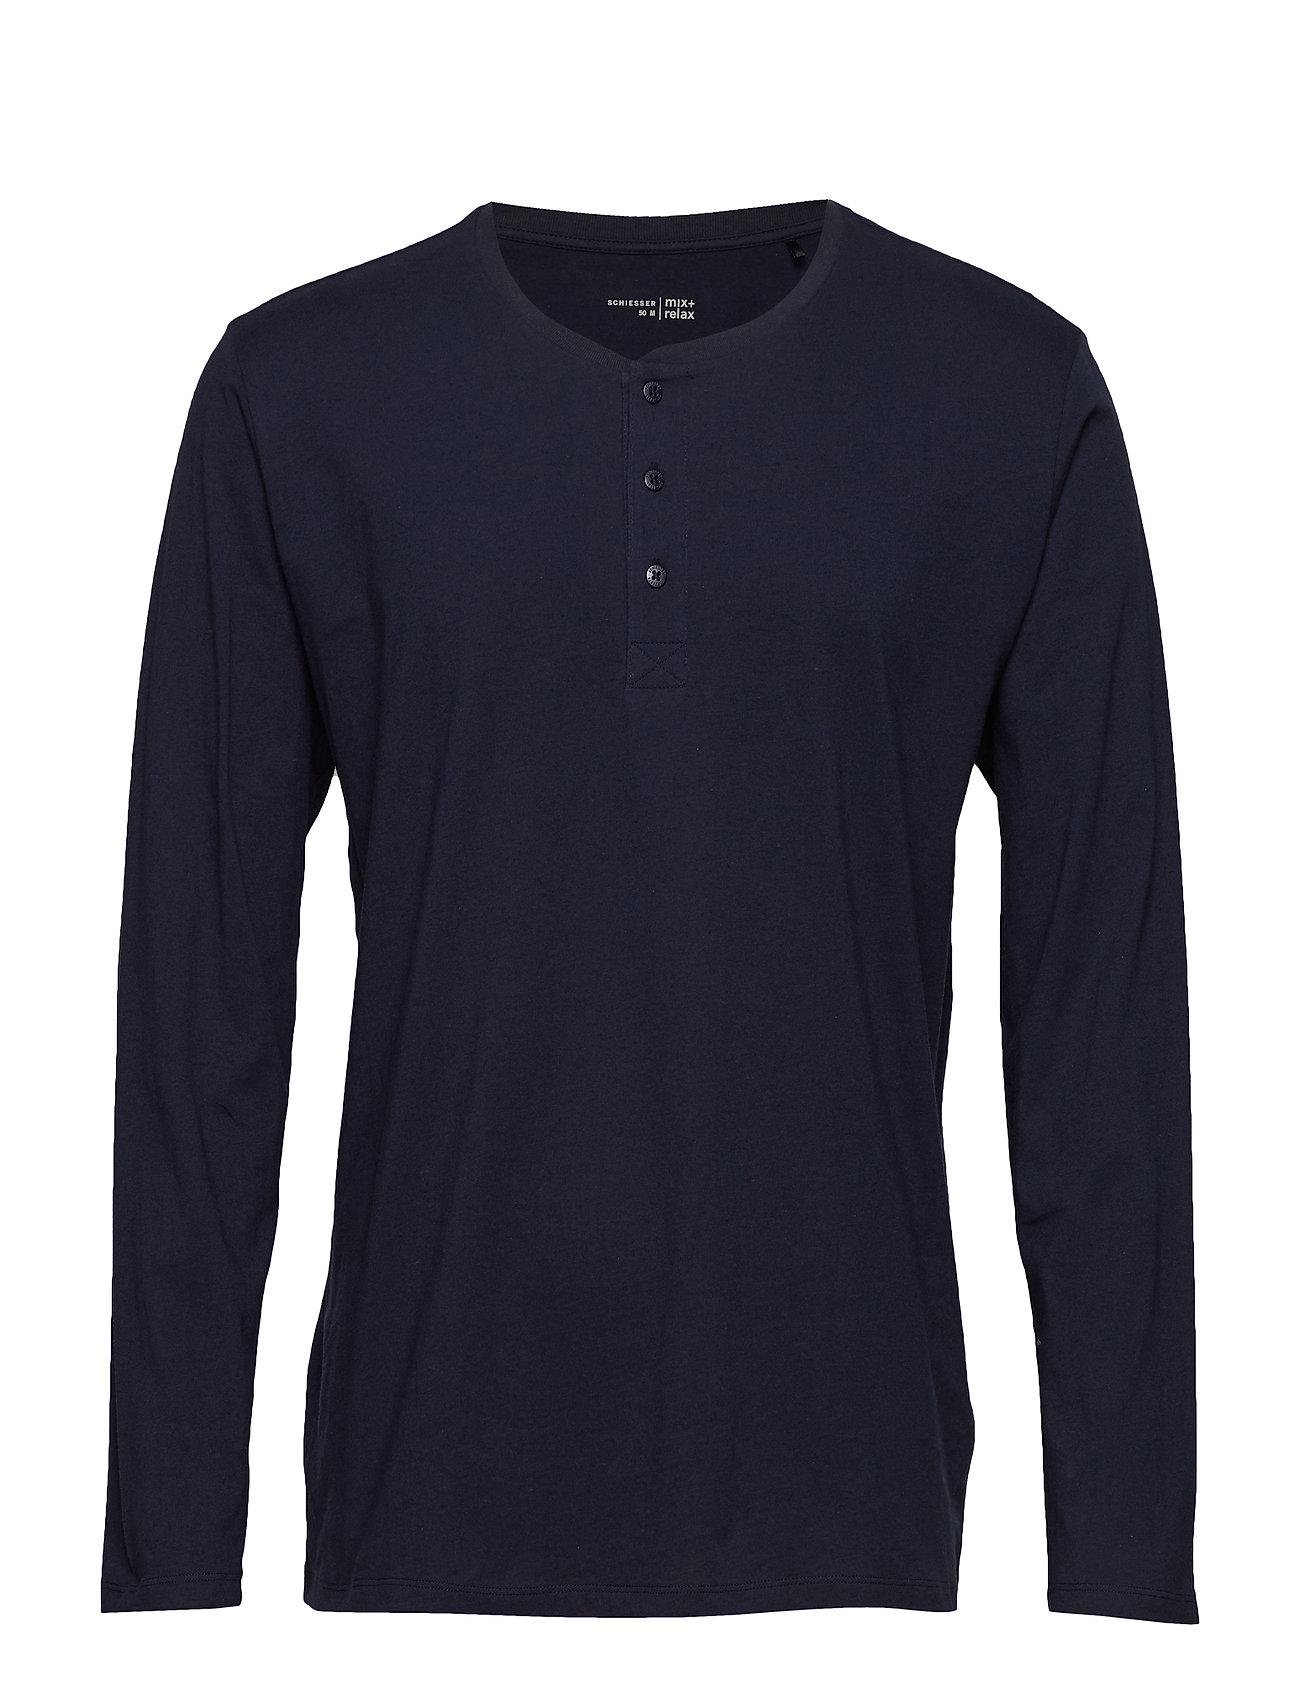 Schiesser Shirt 1/1 - DARK BLUE